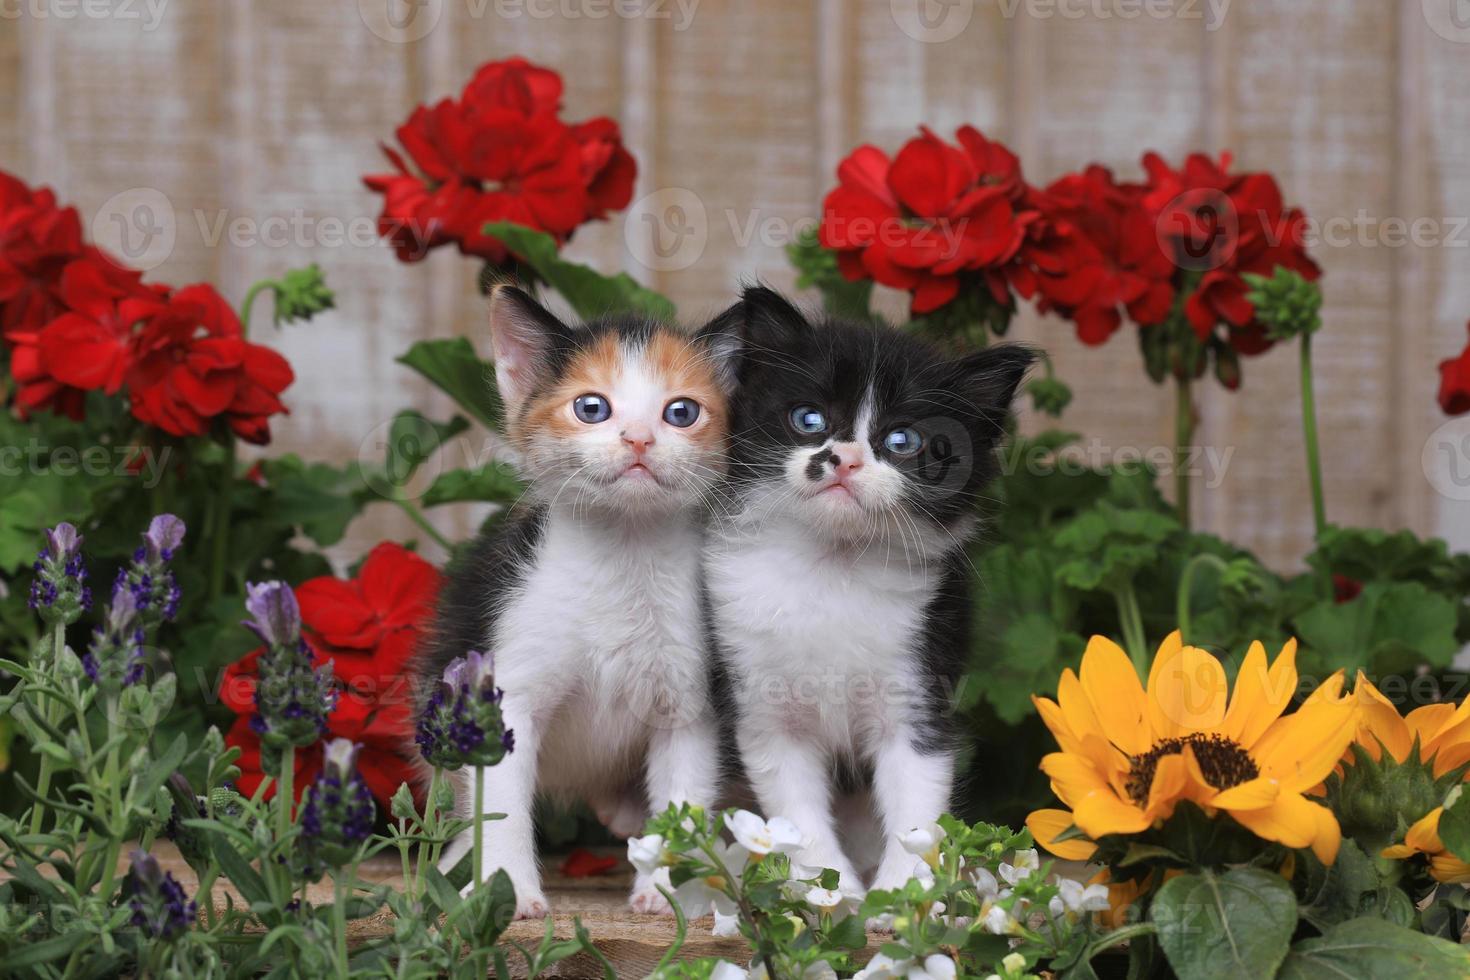 simpatici gattini di 3 settimane in un giardino foto